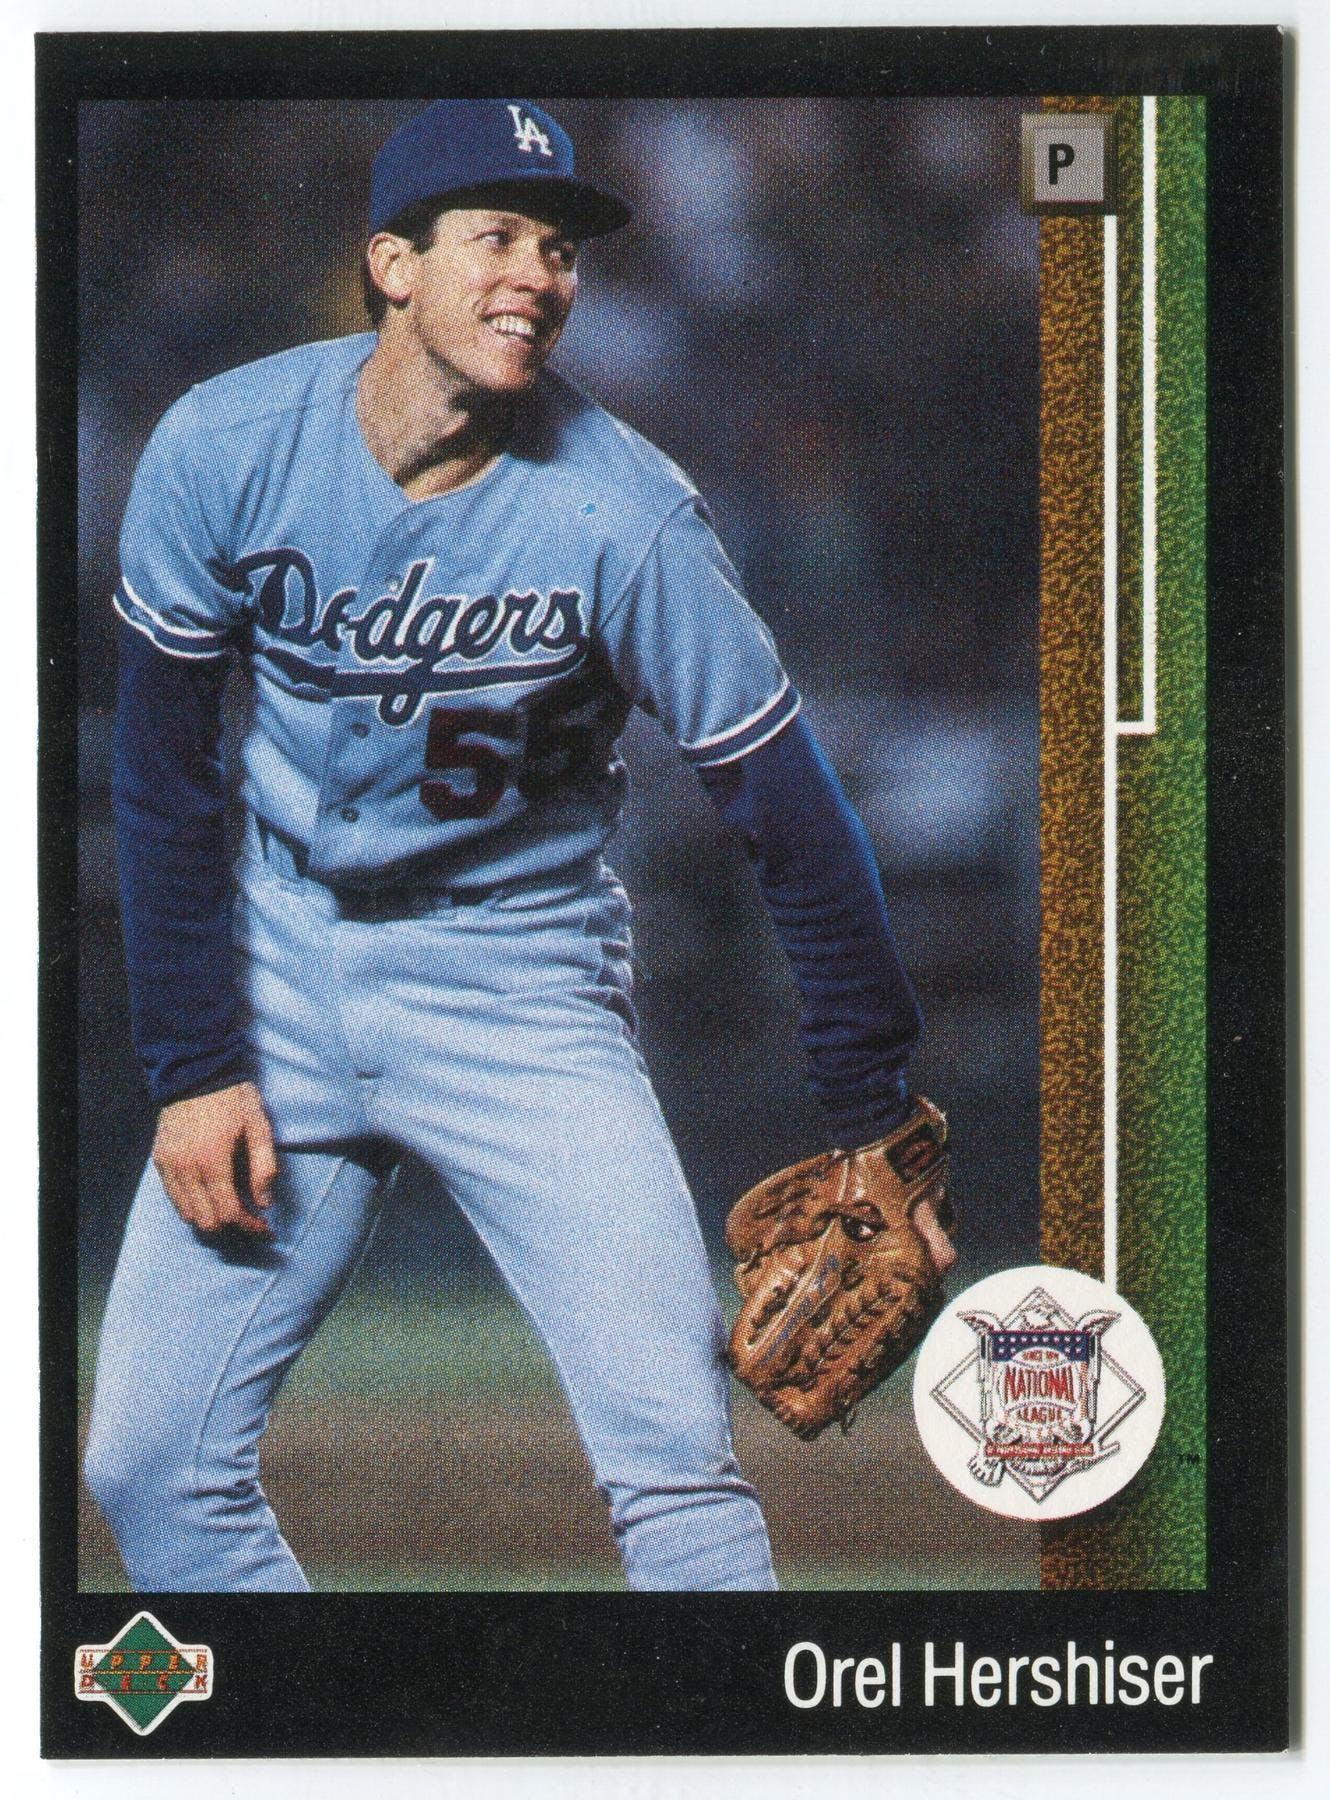 1989 Upper Deck Orel Hershiser Los Angeles Dodgers Blank Back Black Border Proof